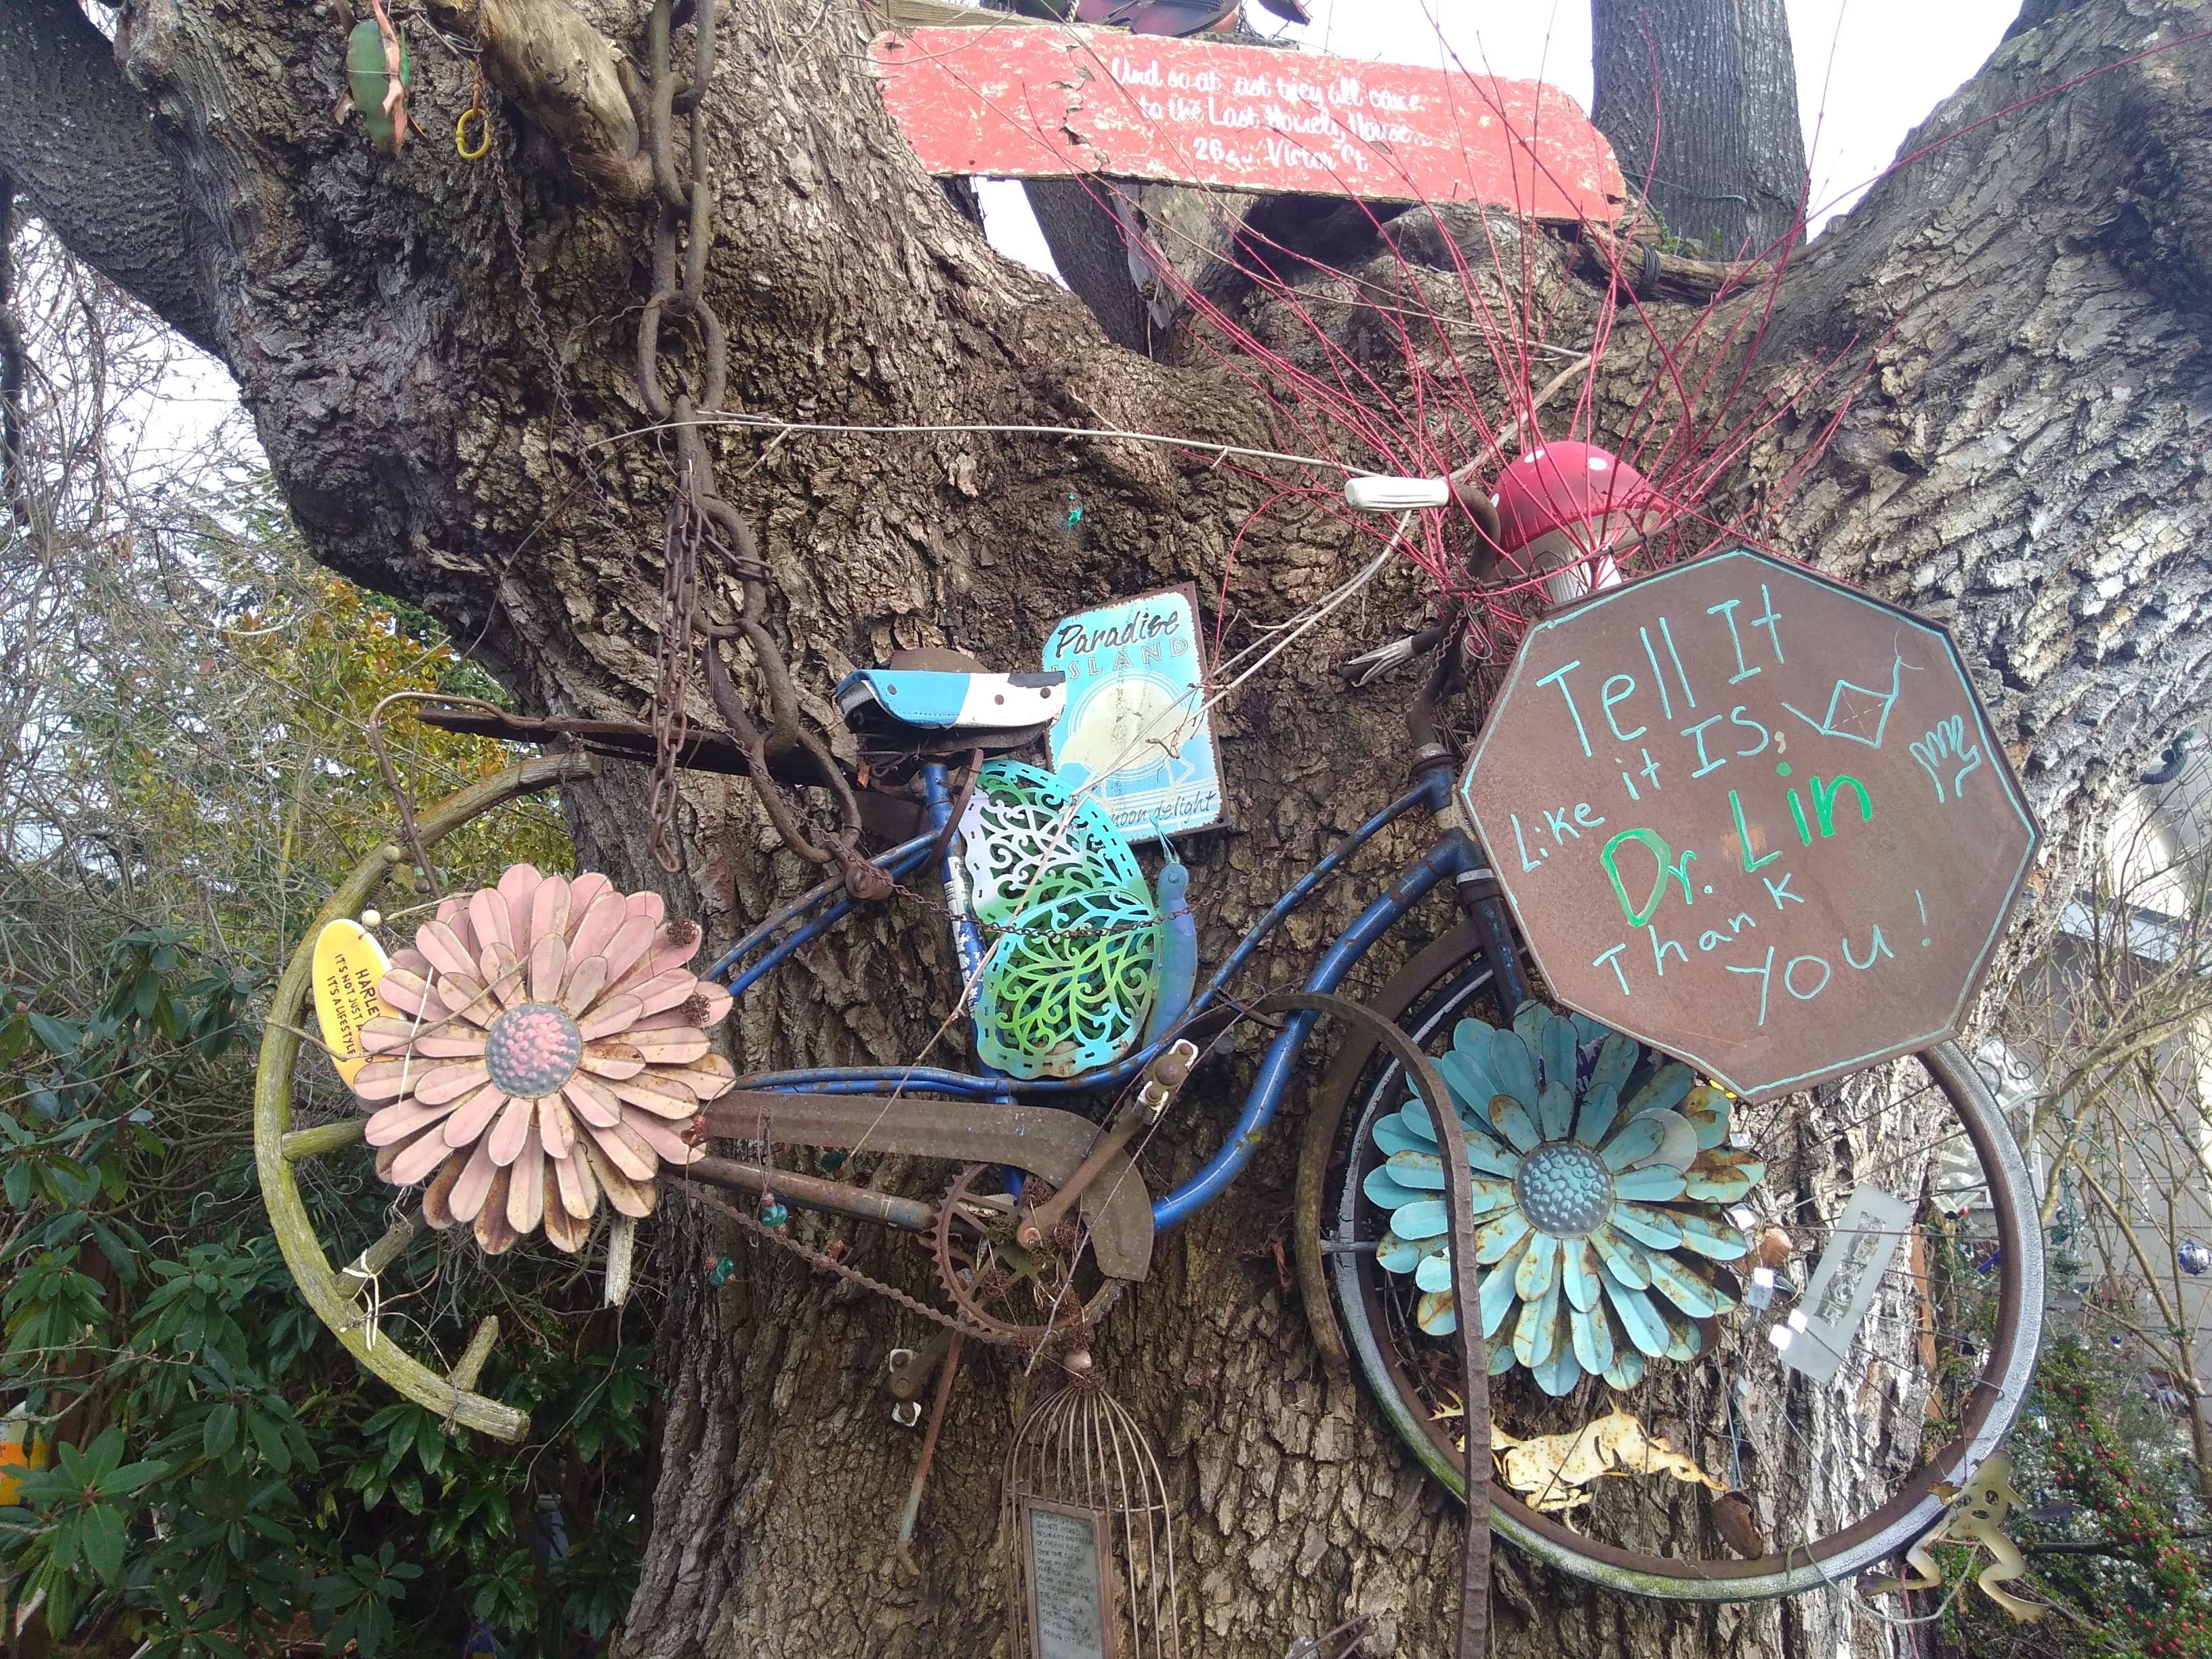 BATT 6 Bike in a Tree